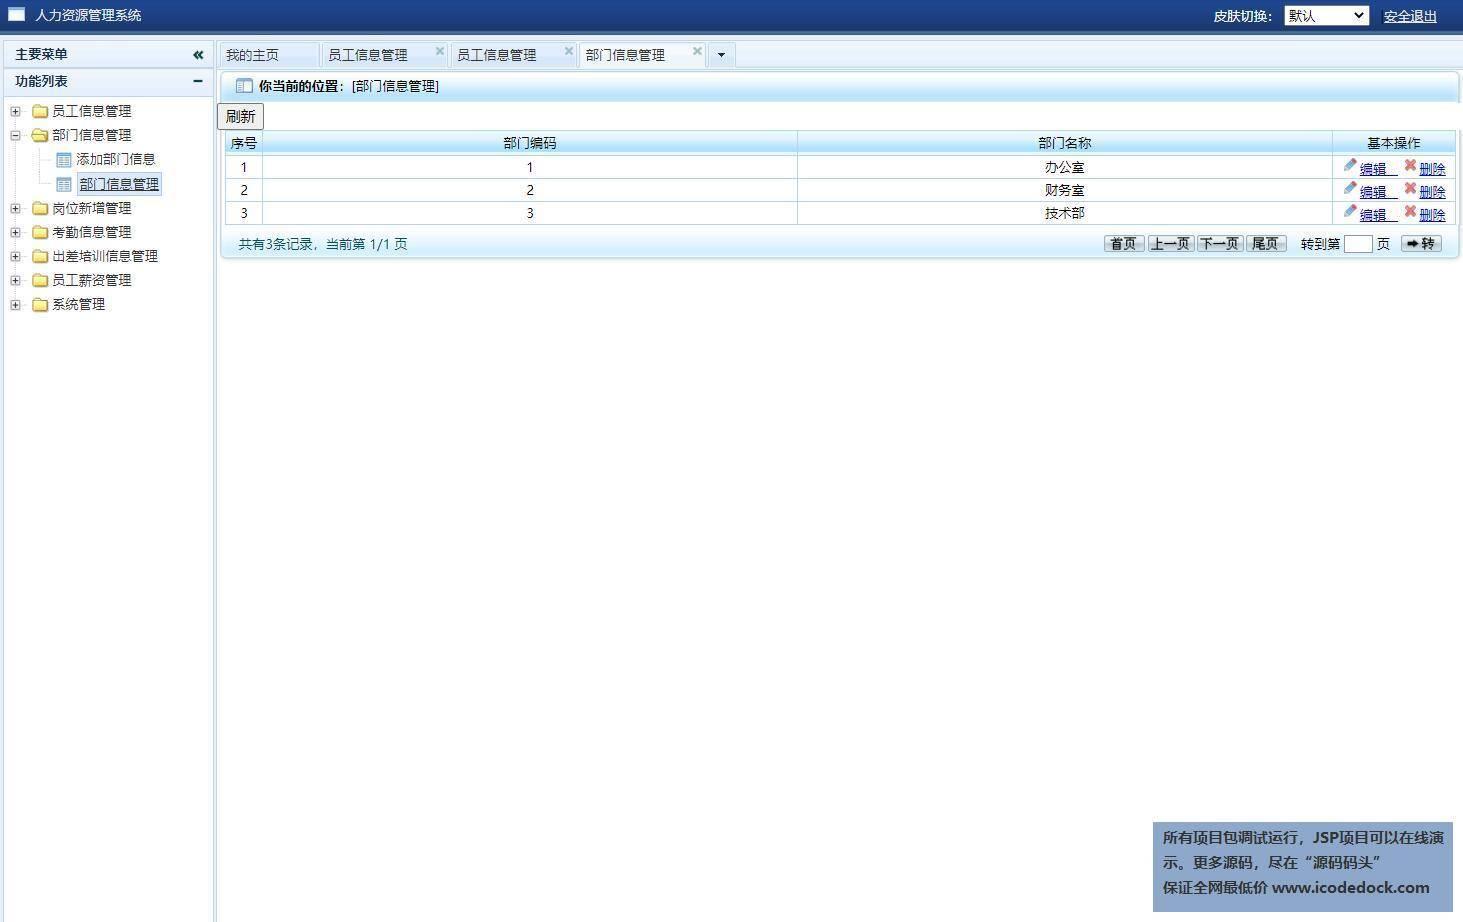 源码码头-SSH公司企业人力资源管理系统-管理员角色-部门信息管理